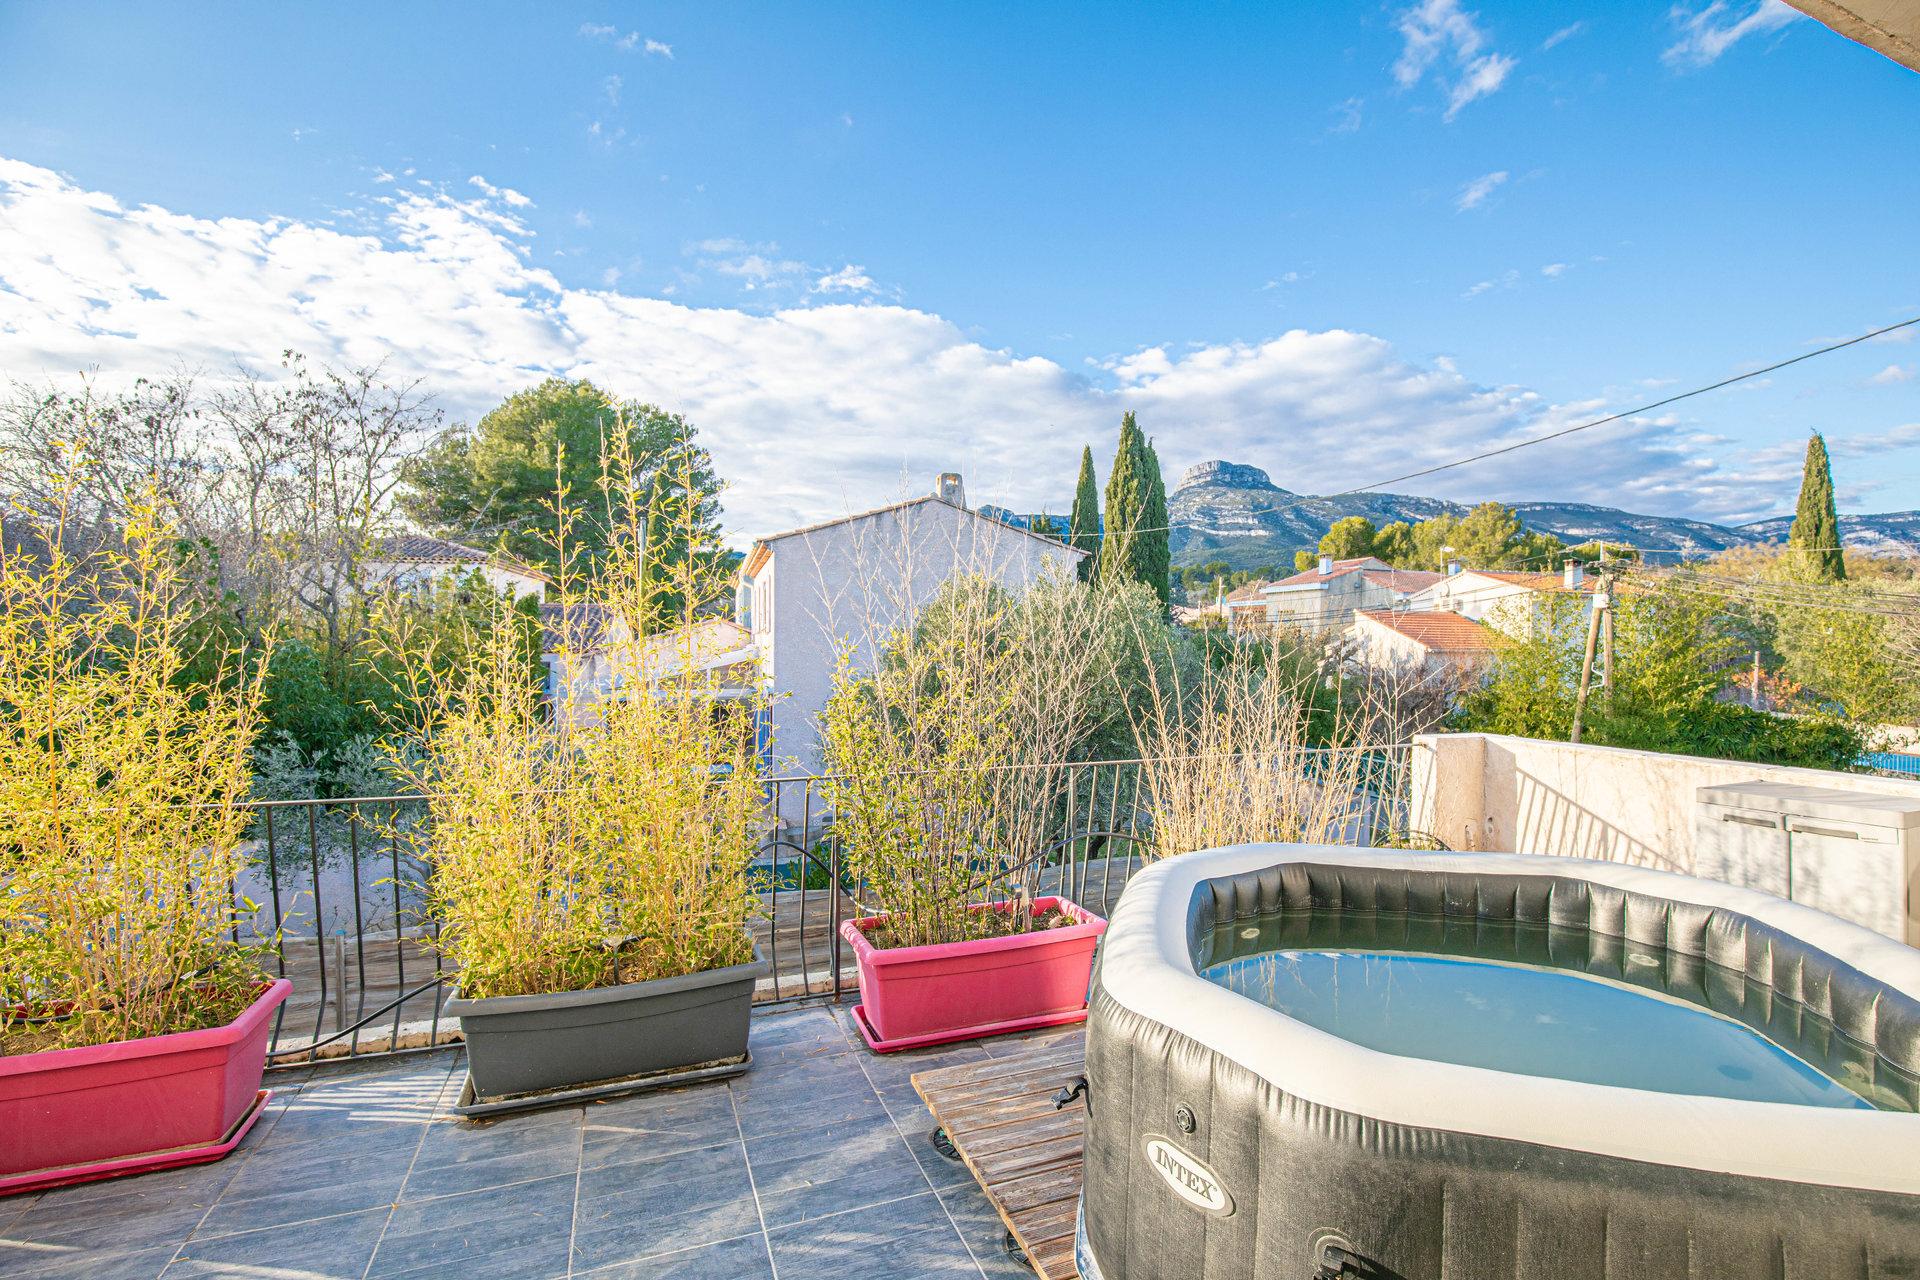 Too Cosy - Haut de Villa (156m2 mais 250m2 au sol) T5 + Piscine + Jacuzzi